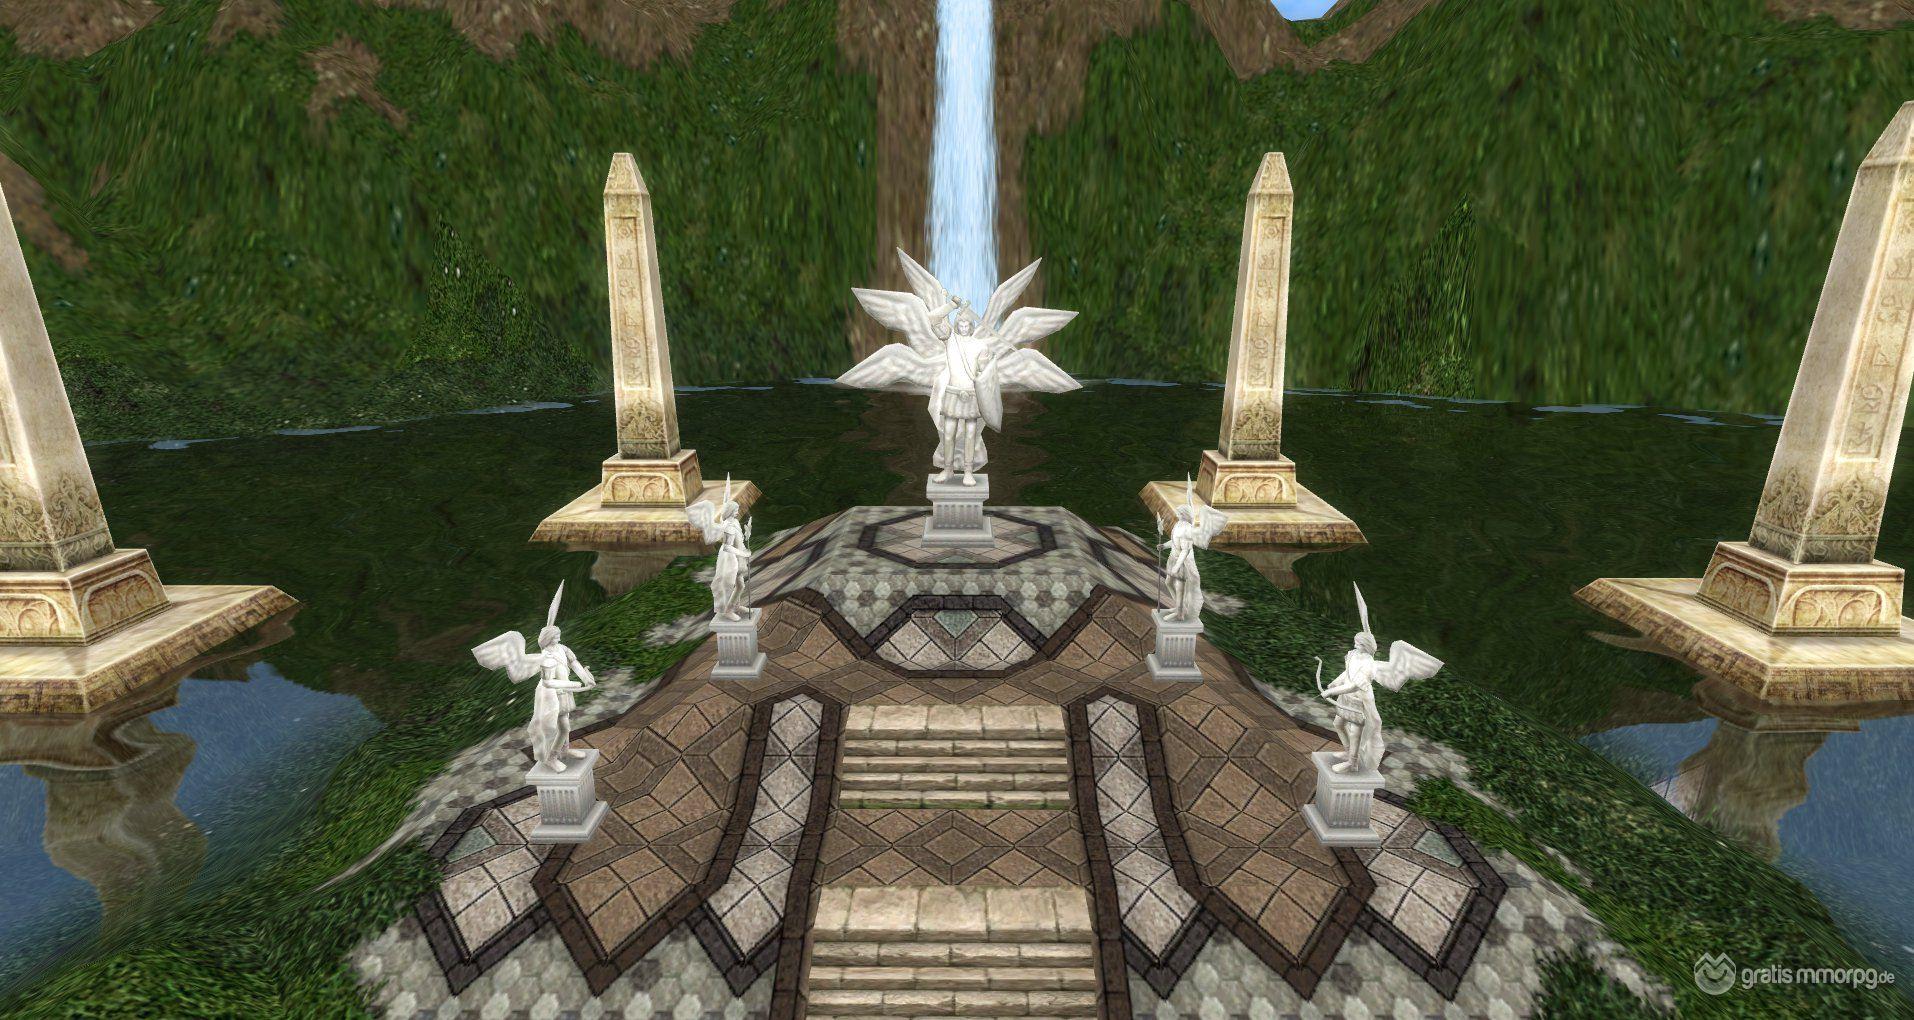 Klicke auf die Grafik für eine größere AnsichtName:King of Kings 3 Moon Goddess 10.jpgHits:59Größe:363,9 KBID:5202